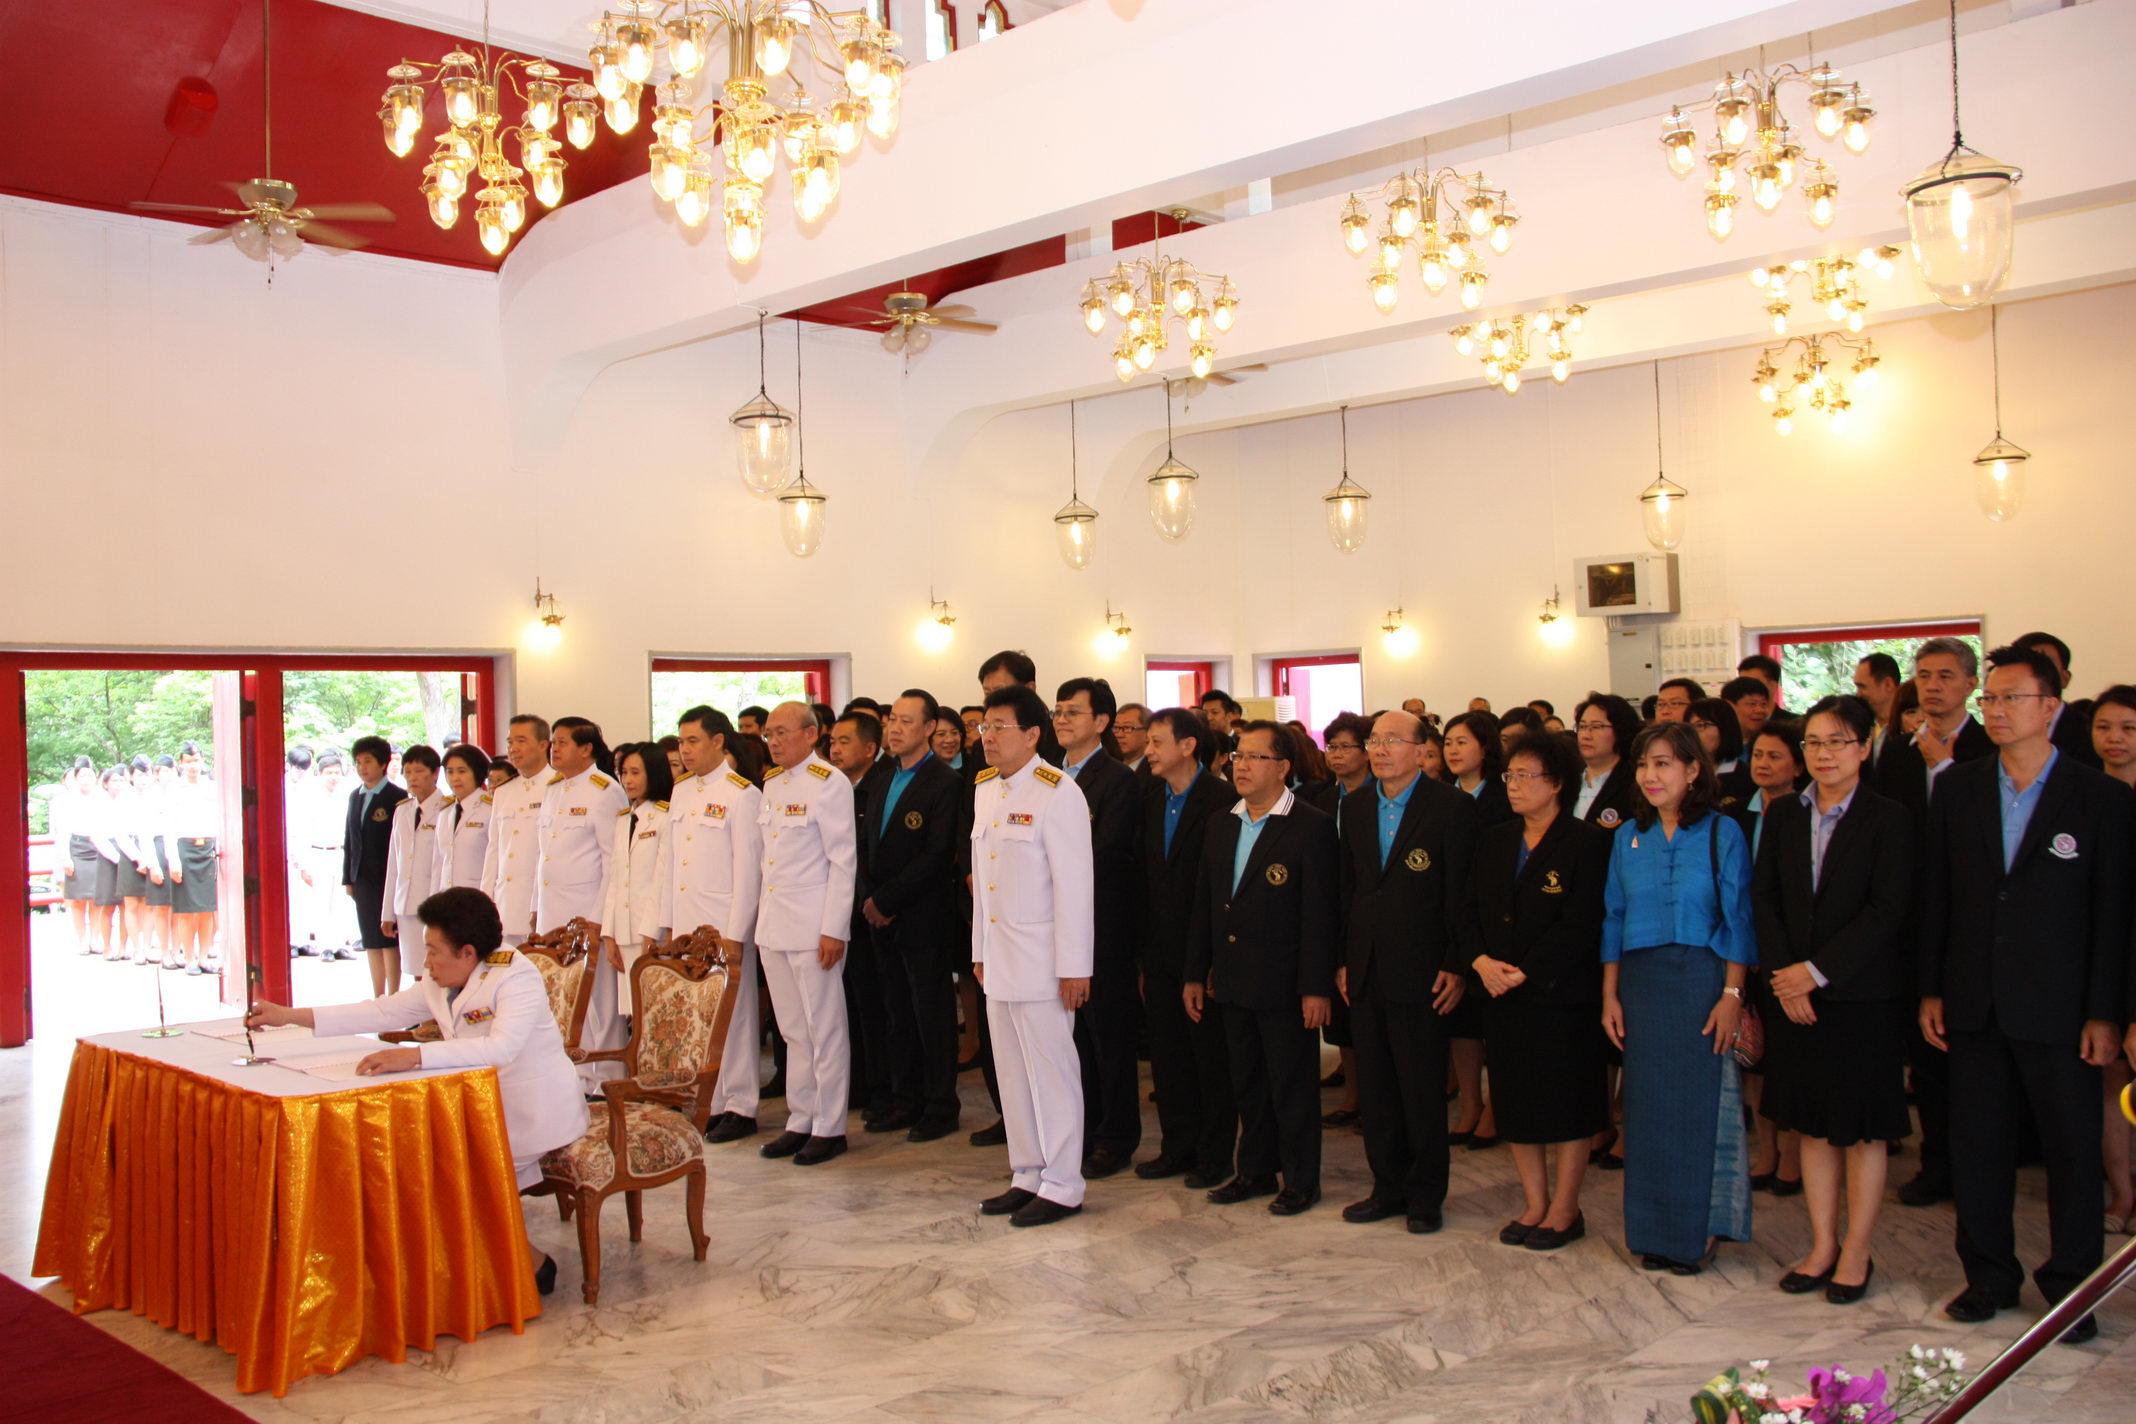 ร่วมพิธีลงนามถวายพระพรชัยมงคลและถวายราชสดุดี สมเด็จพระนางเจ้าฯ พระบรมราชินีนาถ เนื่องในโอกาสที่ทรงมีพระชนมายุครบ 84 พรรษา (12 สิงหามหาราชินี)